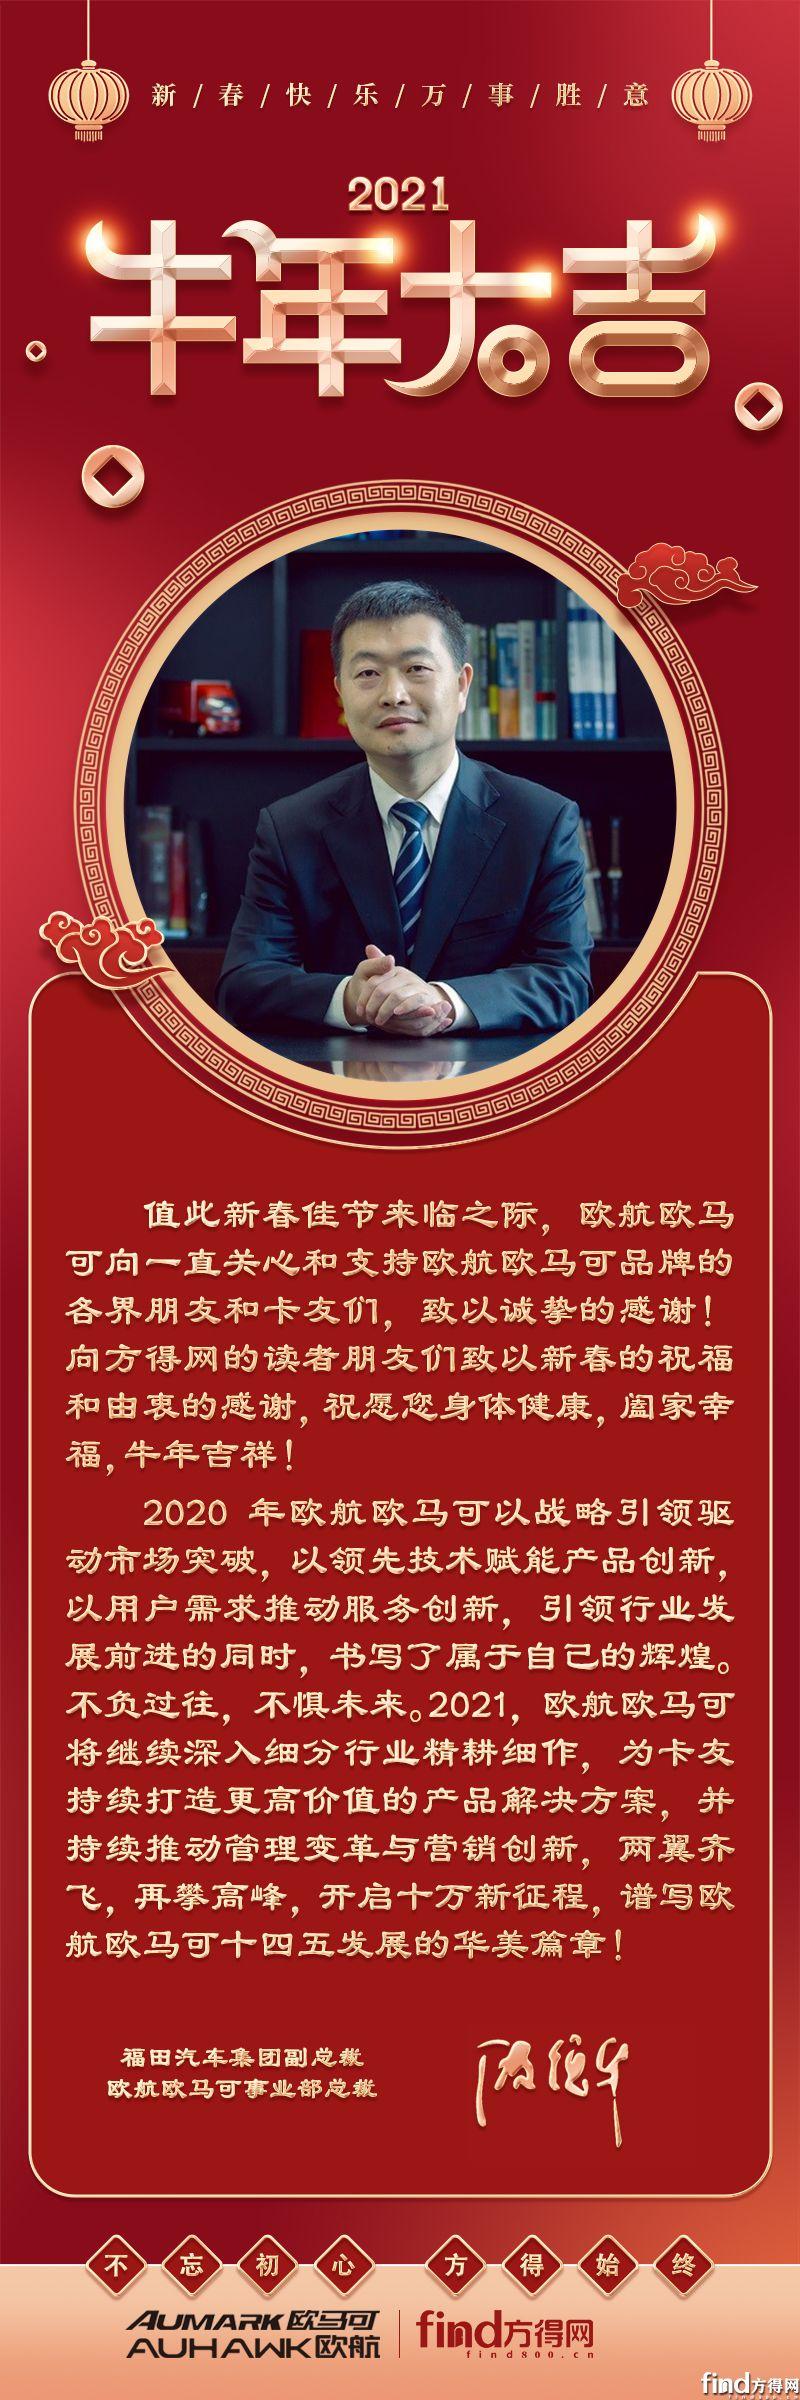 福田汽车集团副总裁、欧航欧马可事业部总裁顾德华的新年祝福